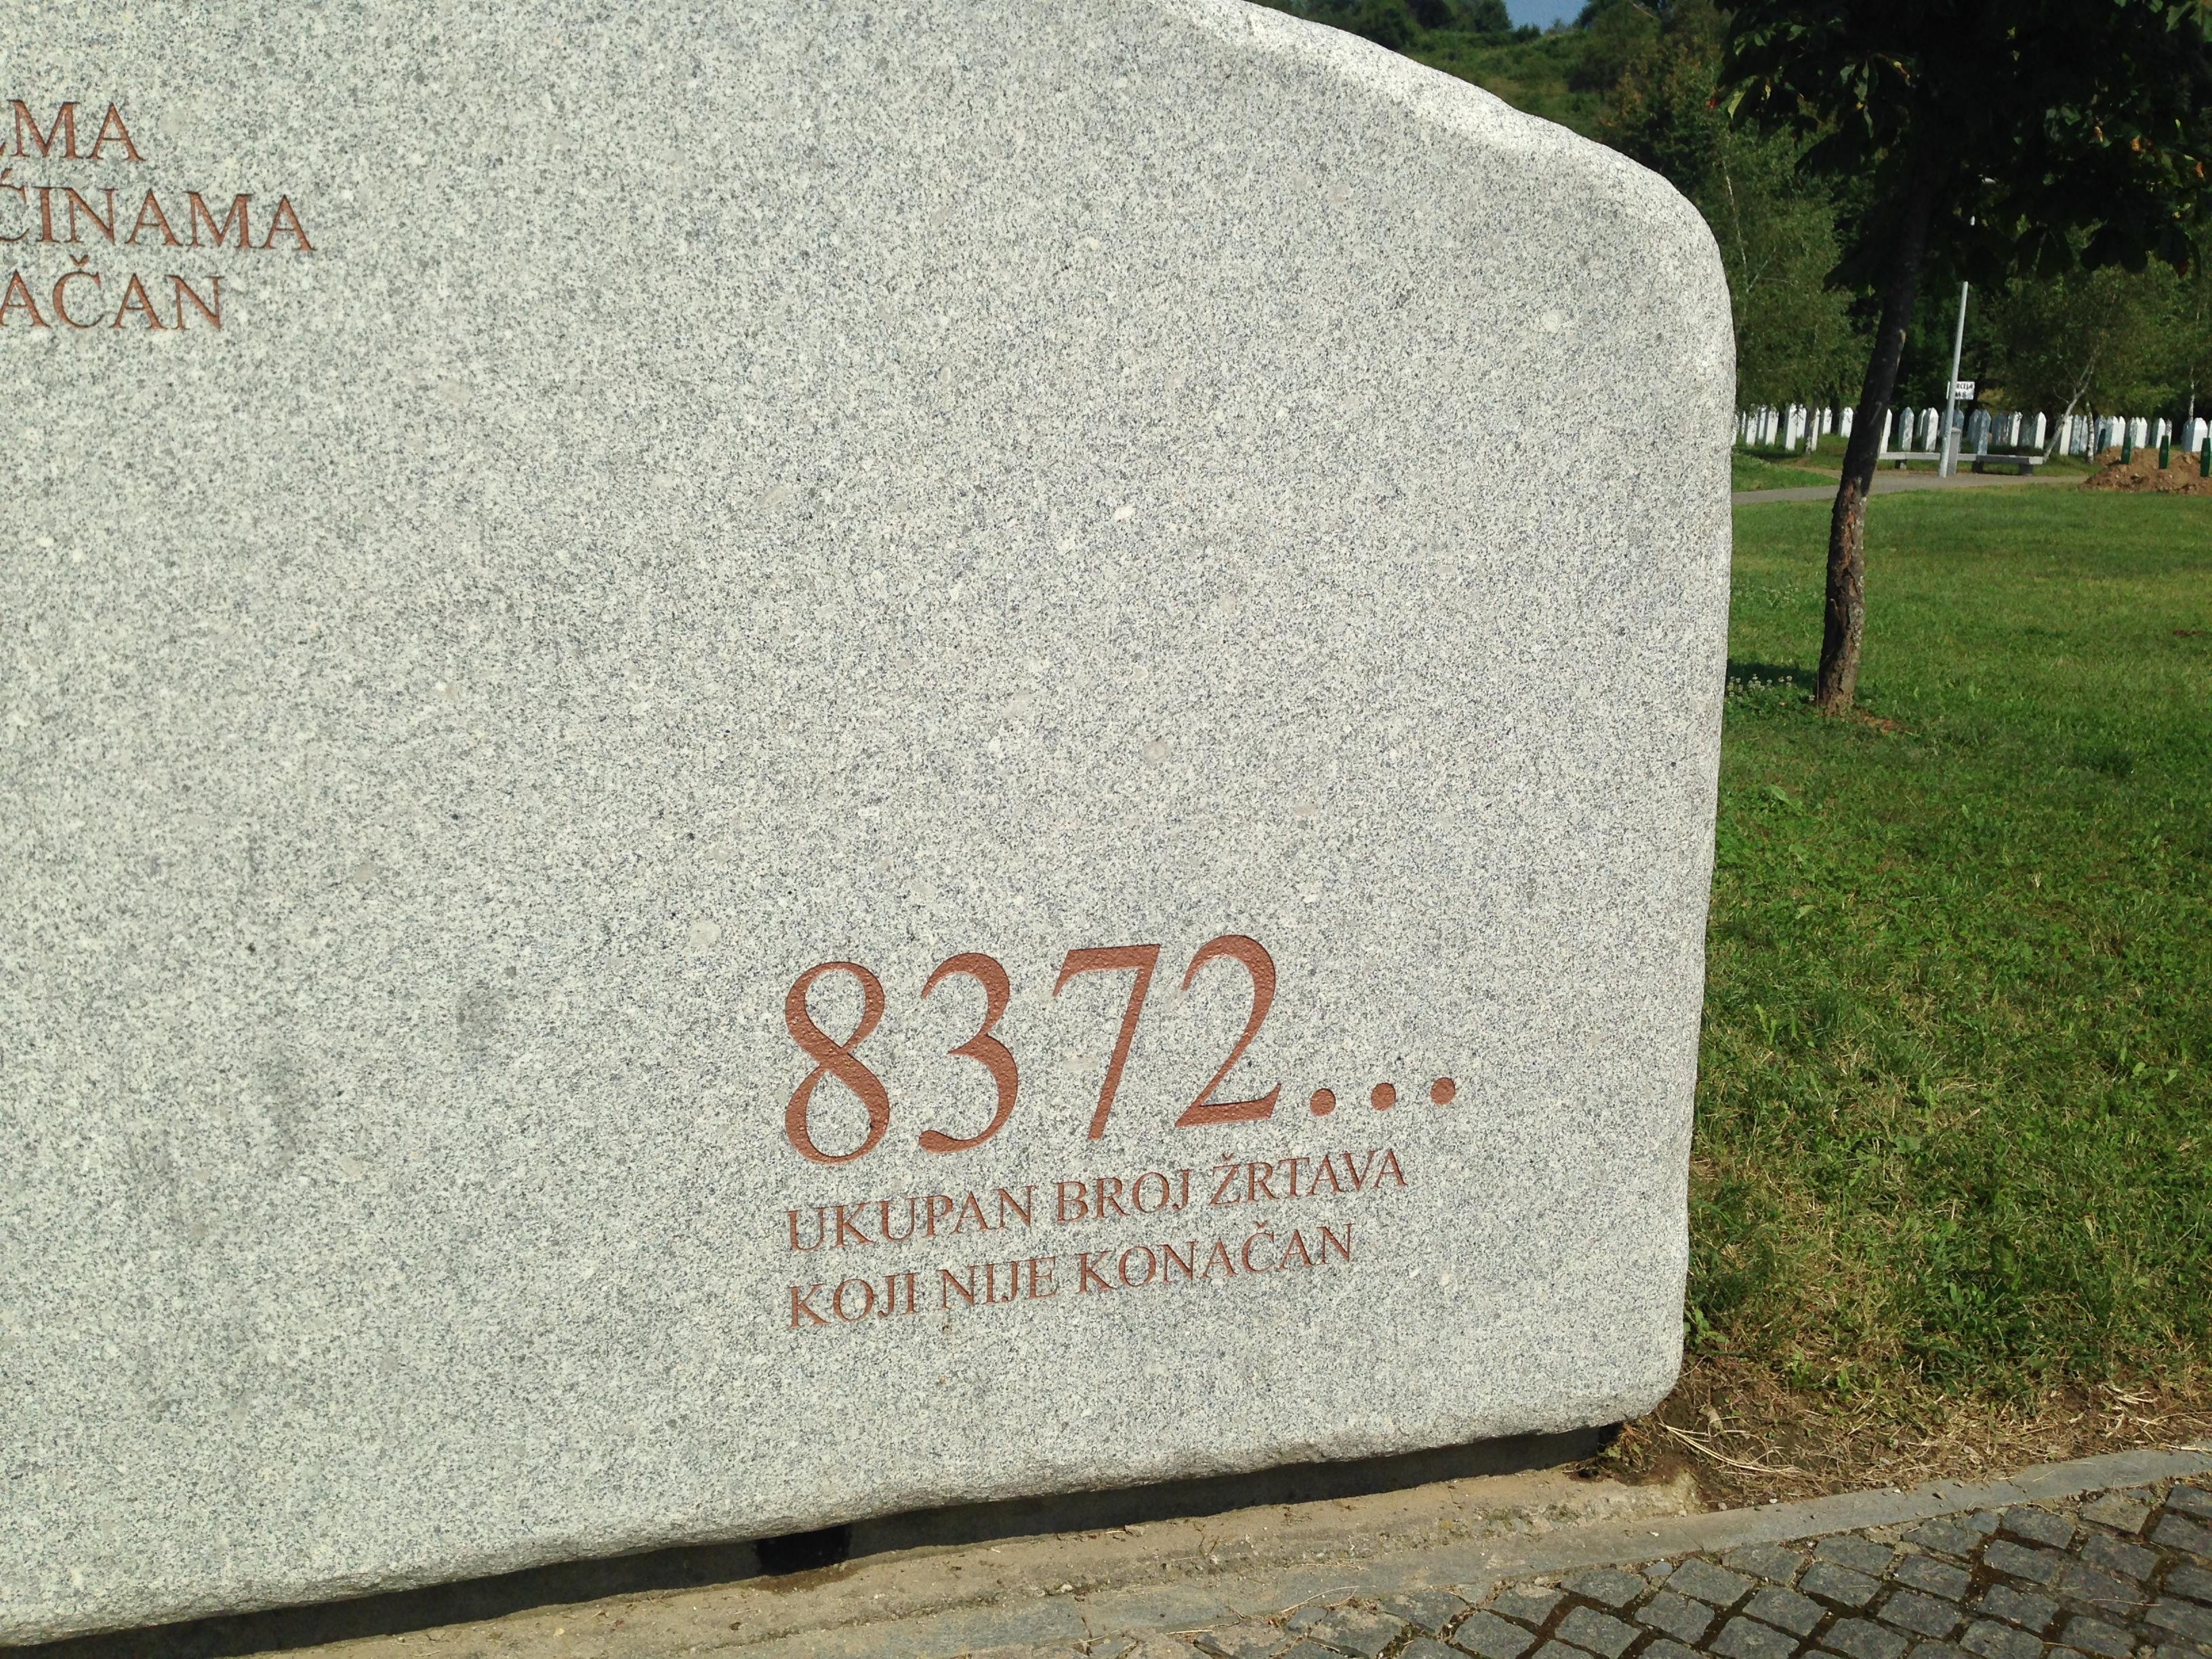 Inside the old Dutch base Estimated number of victims of Srebrenica massacre